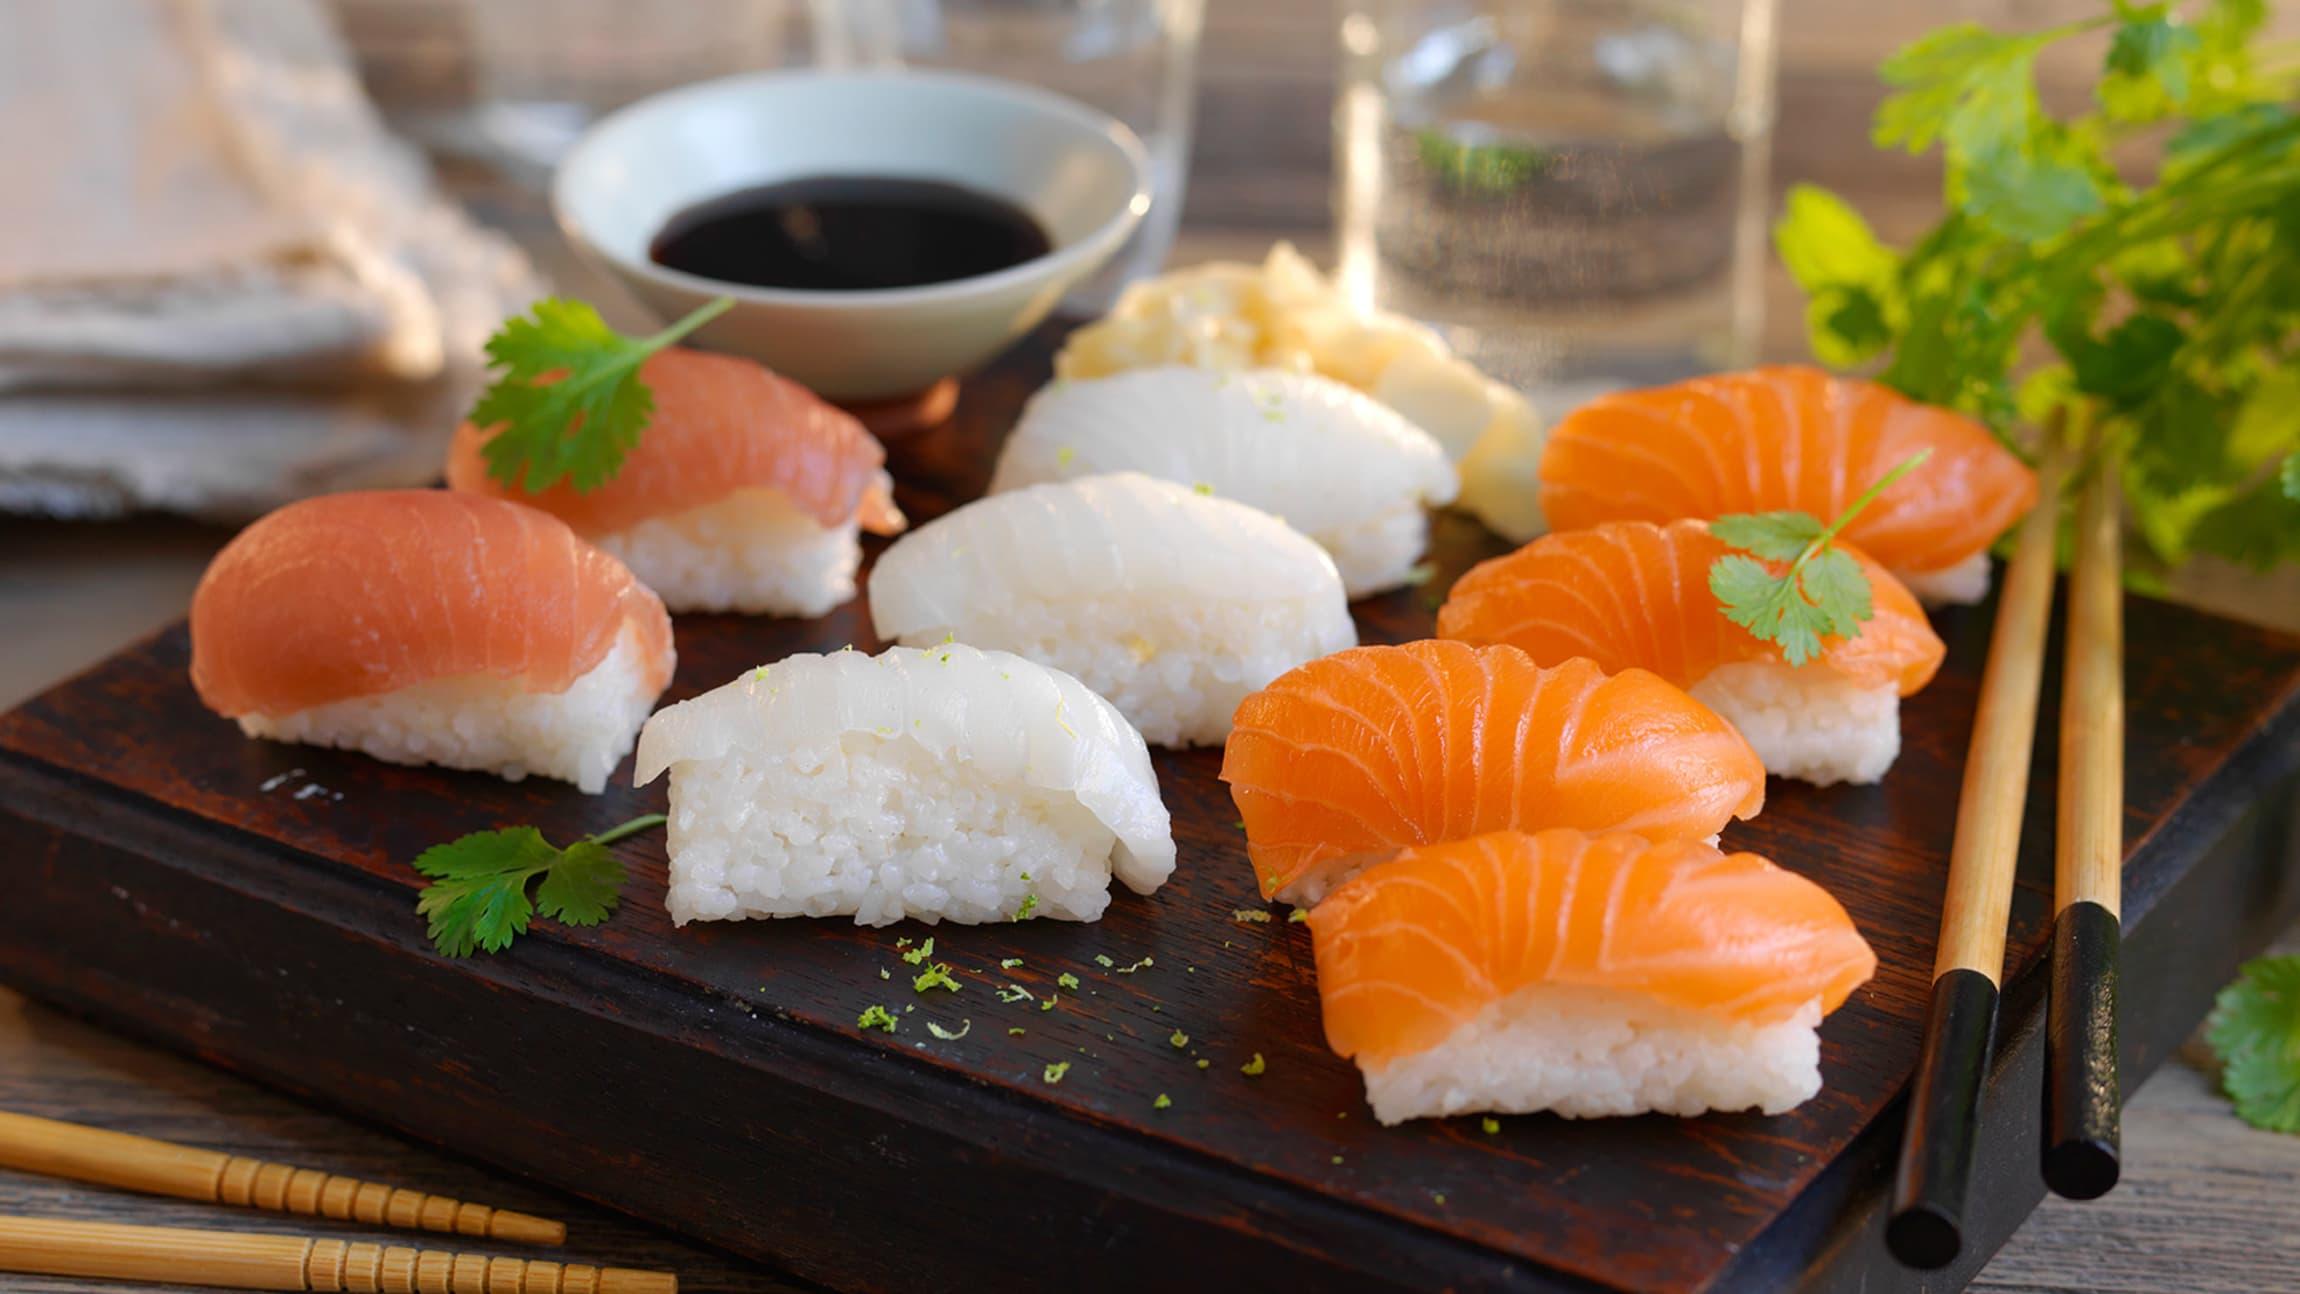 Sushi har blitt utrolig populært blant nordmenn, og høy kvalitet på sushien er viktig for oss.